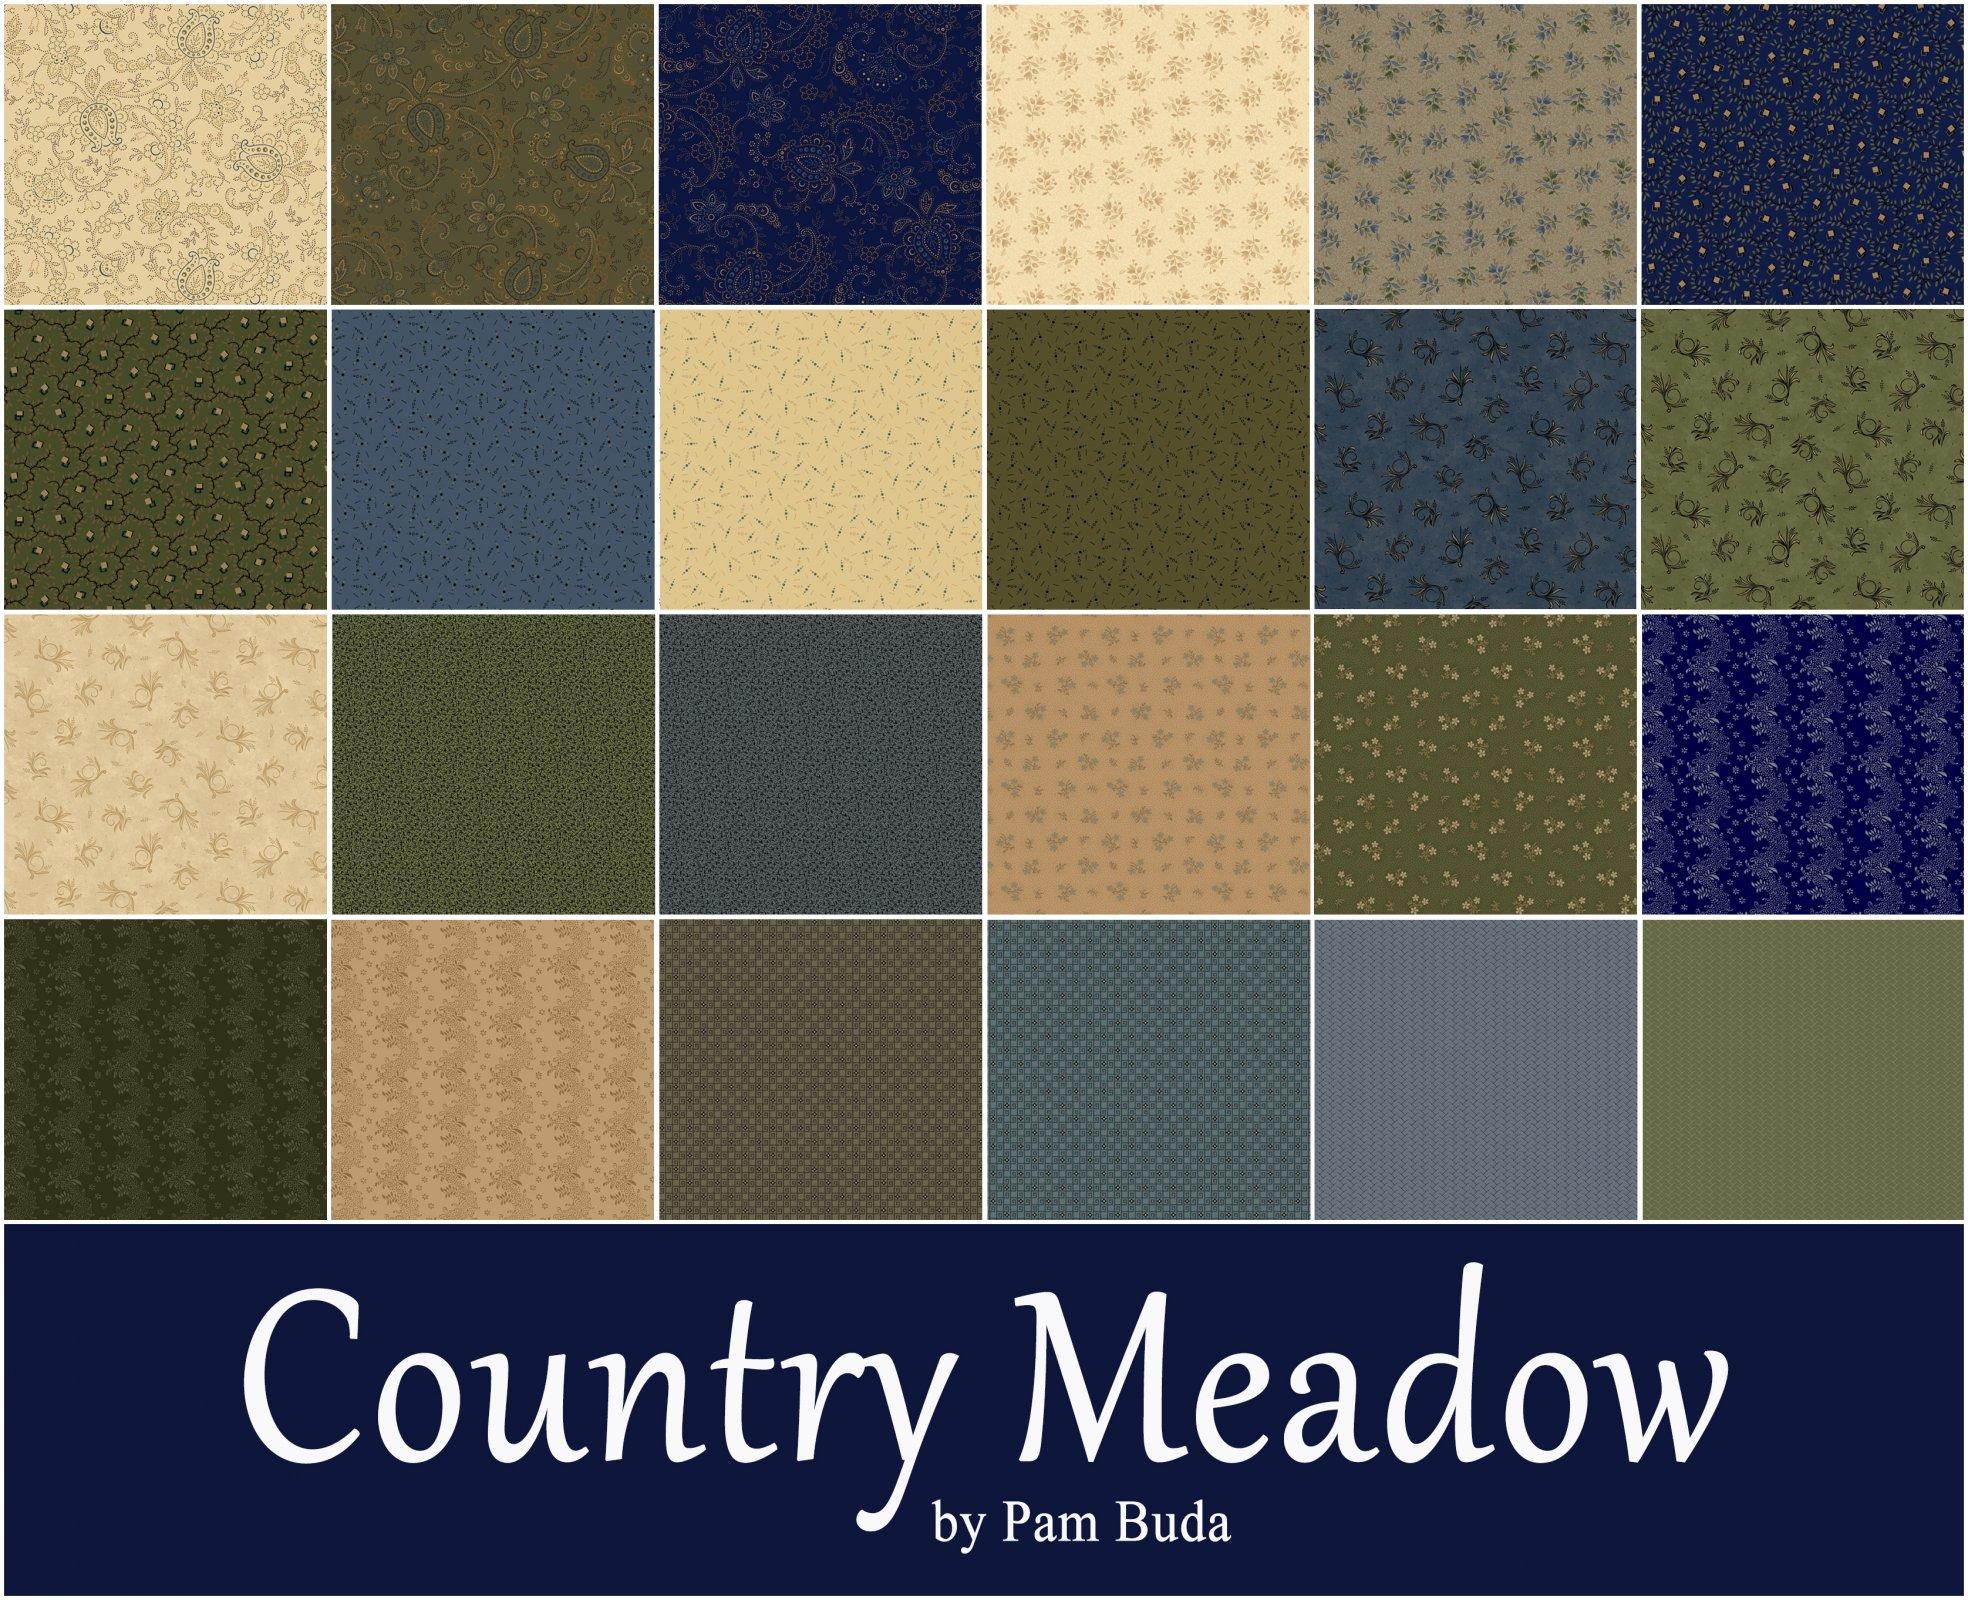 Country Meadow Fat Quarter Bundle - 24 Fat Quarters